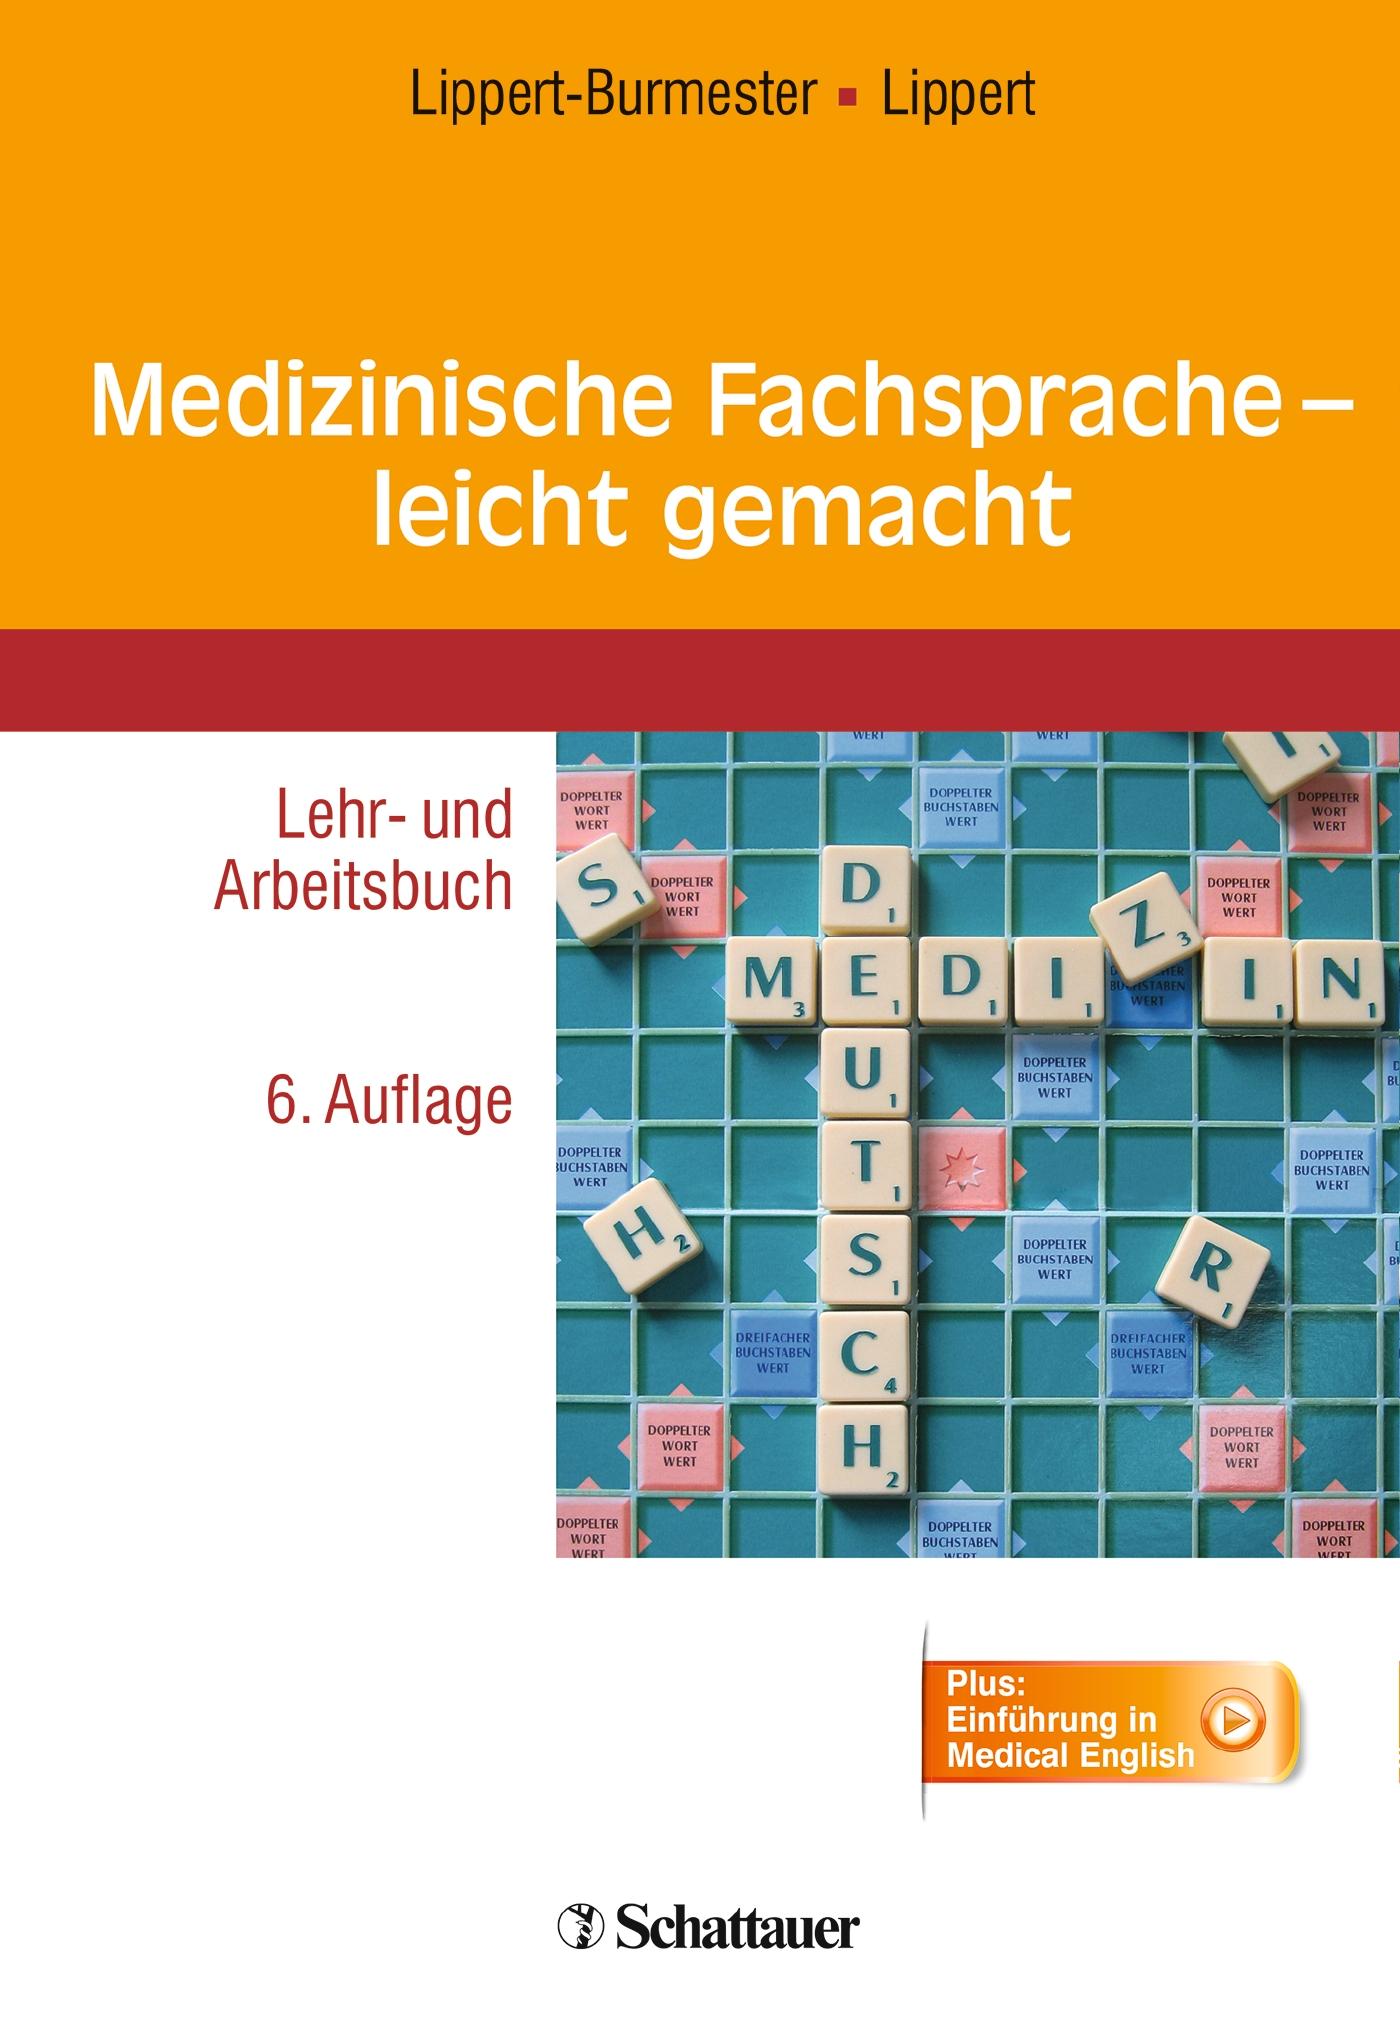 Medizinische Fachsprache - leicht gemacht